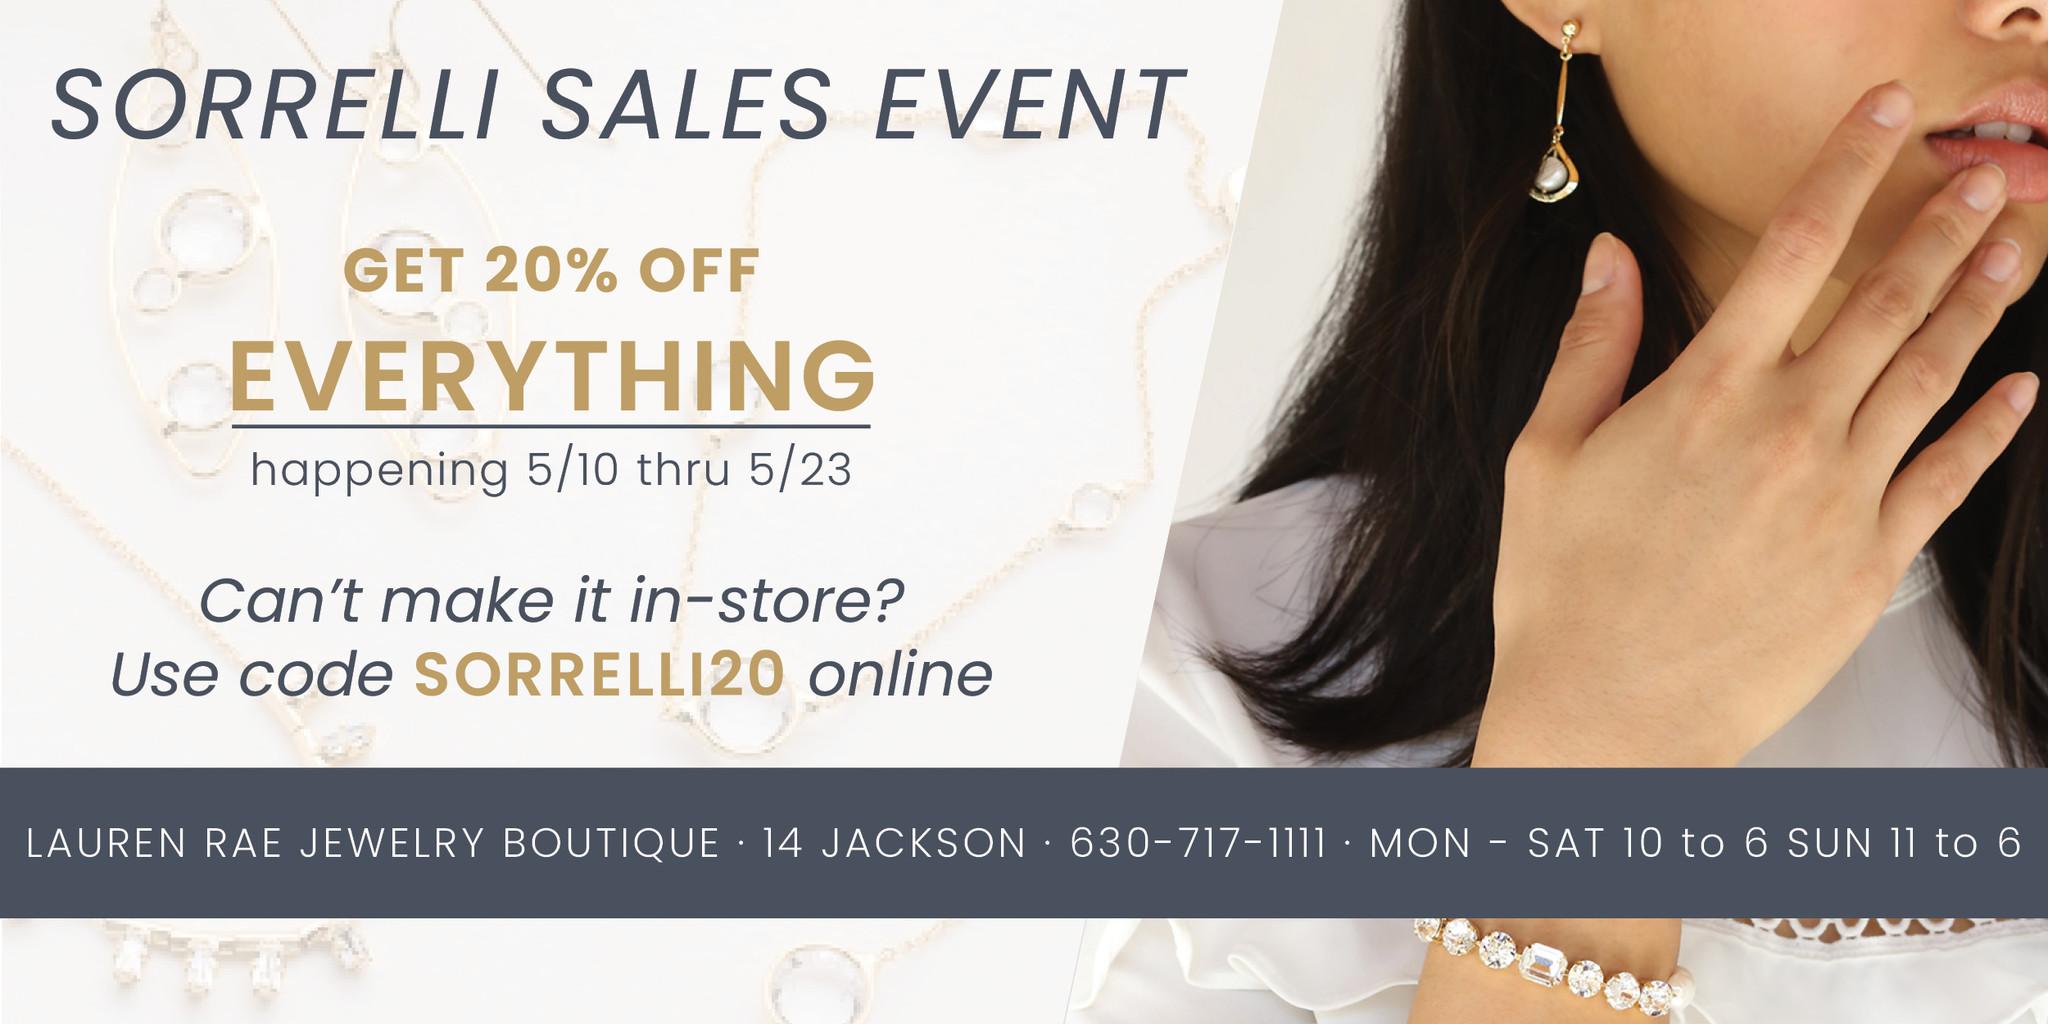 Sorrelli Sales Event